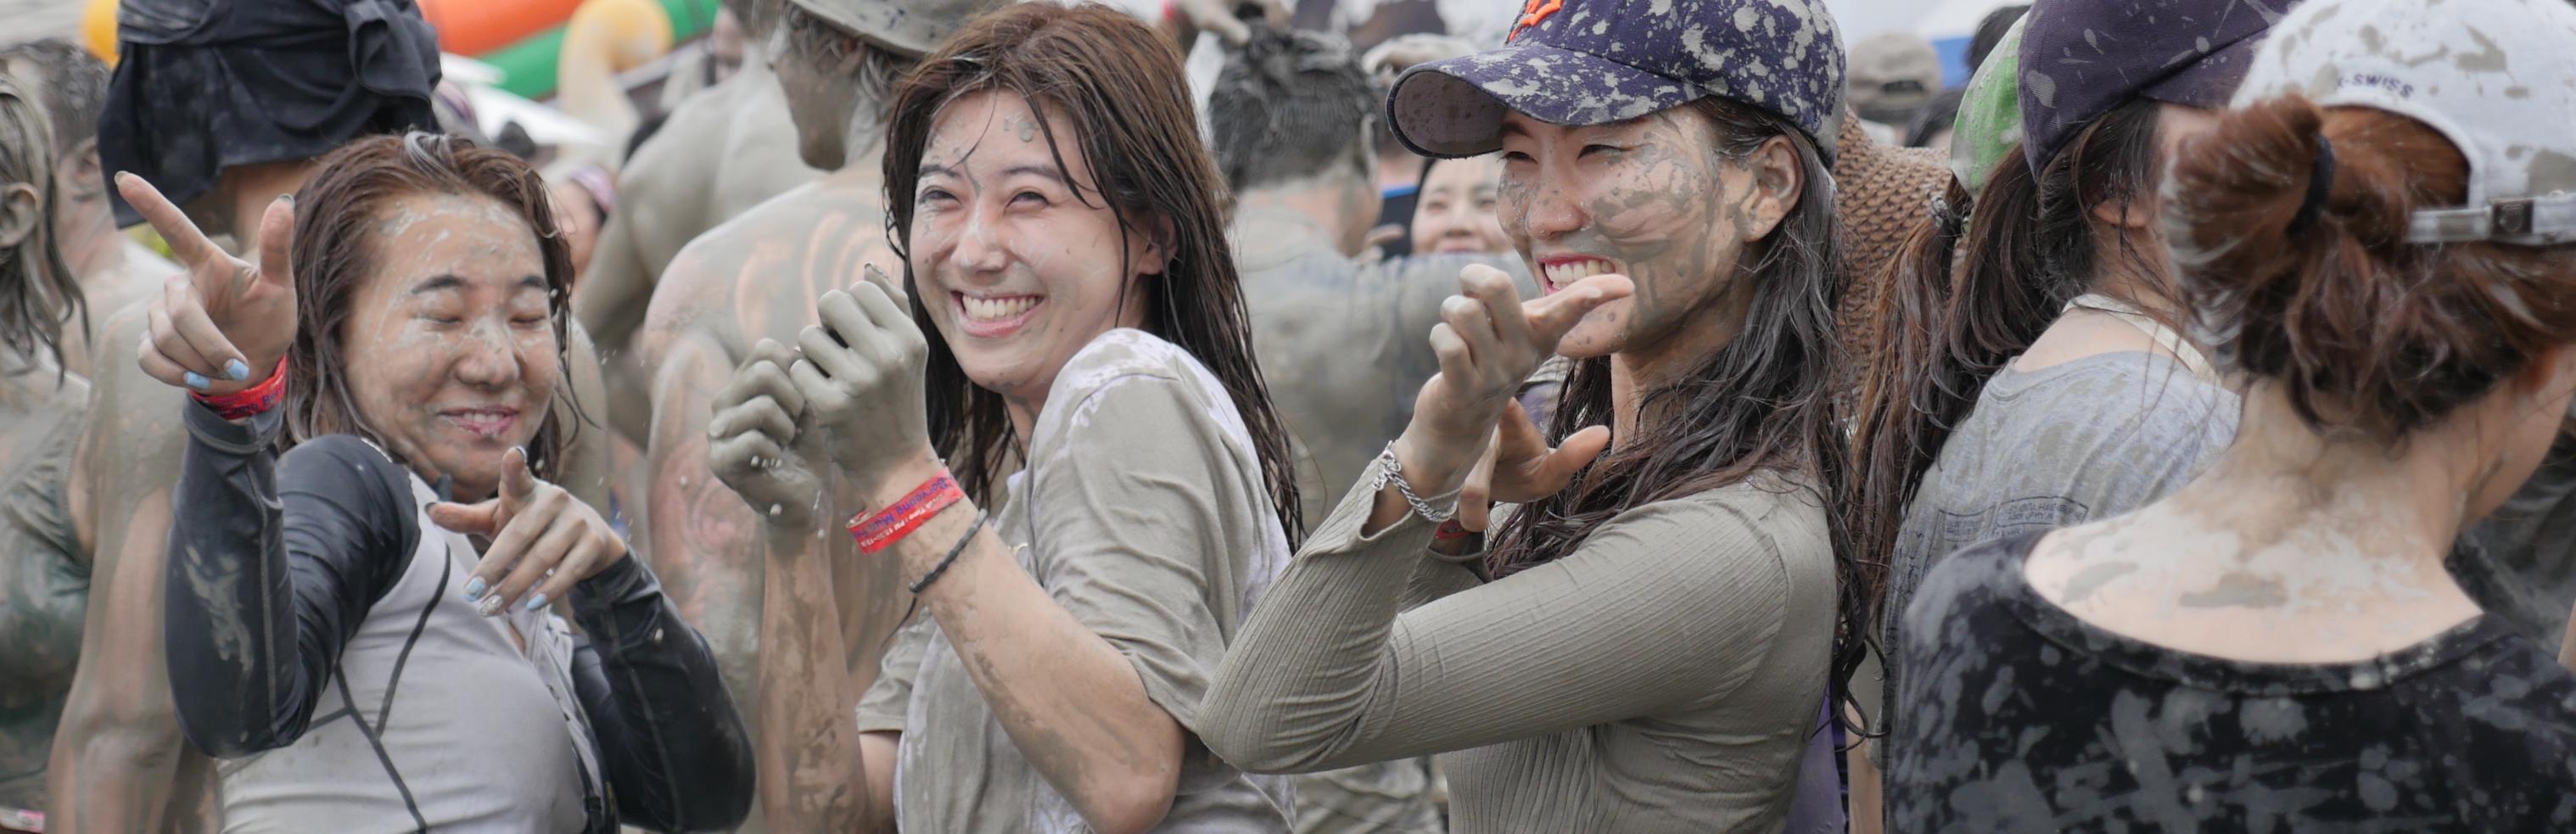 Corée du Sud, sur le chemin des anciens. Projection sur Voyage.